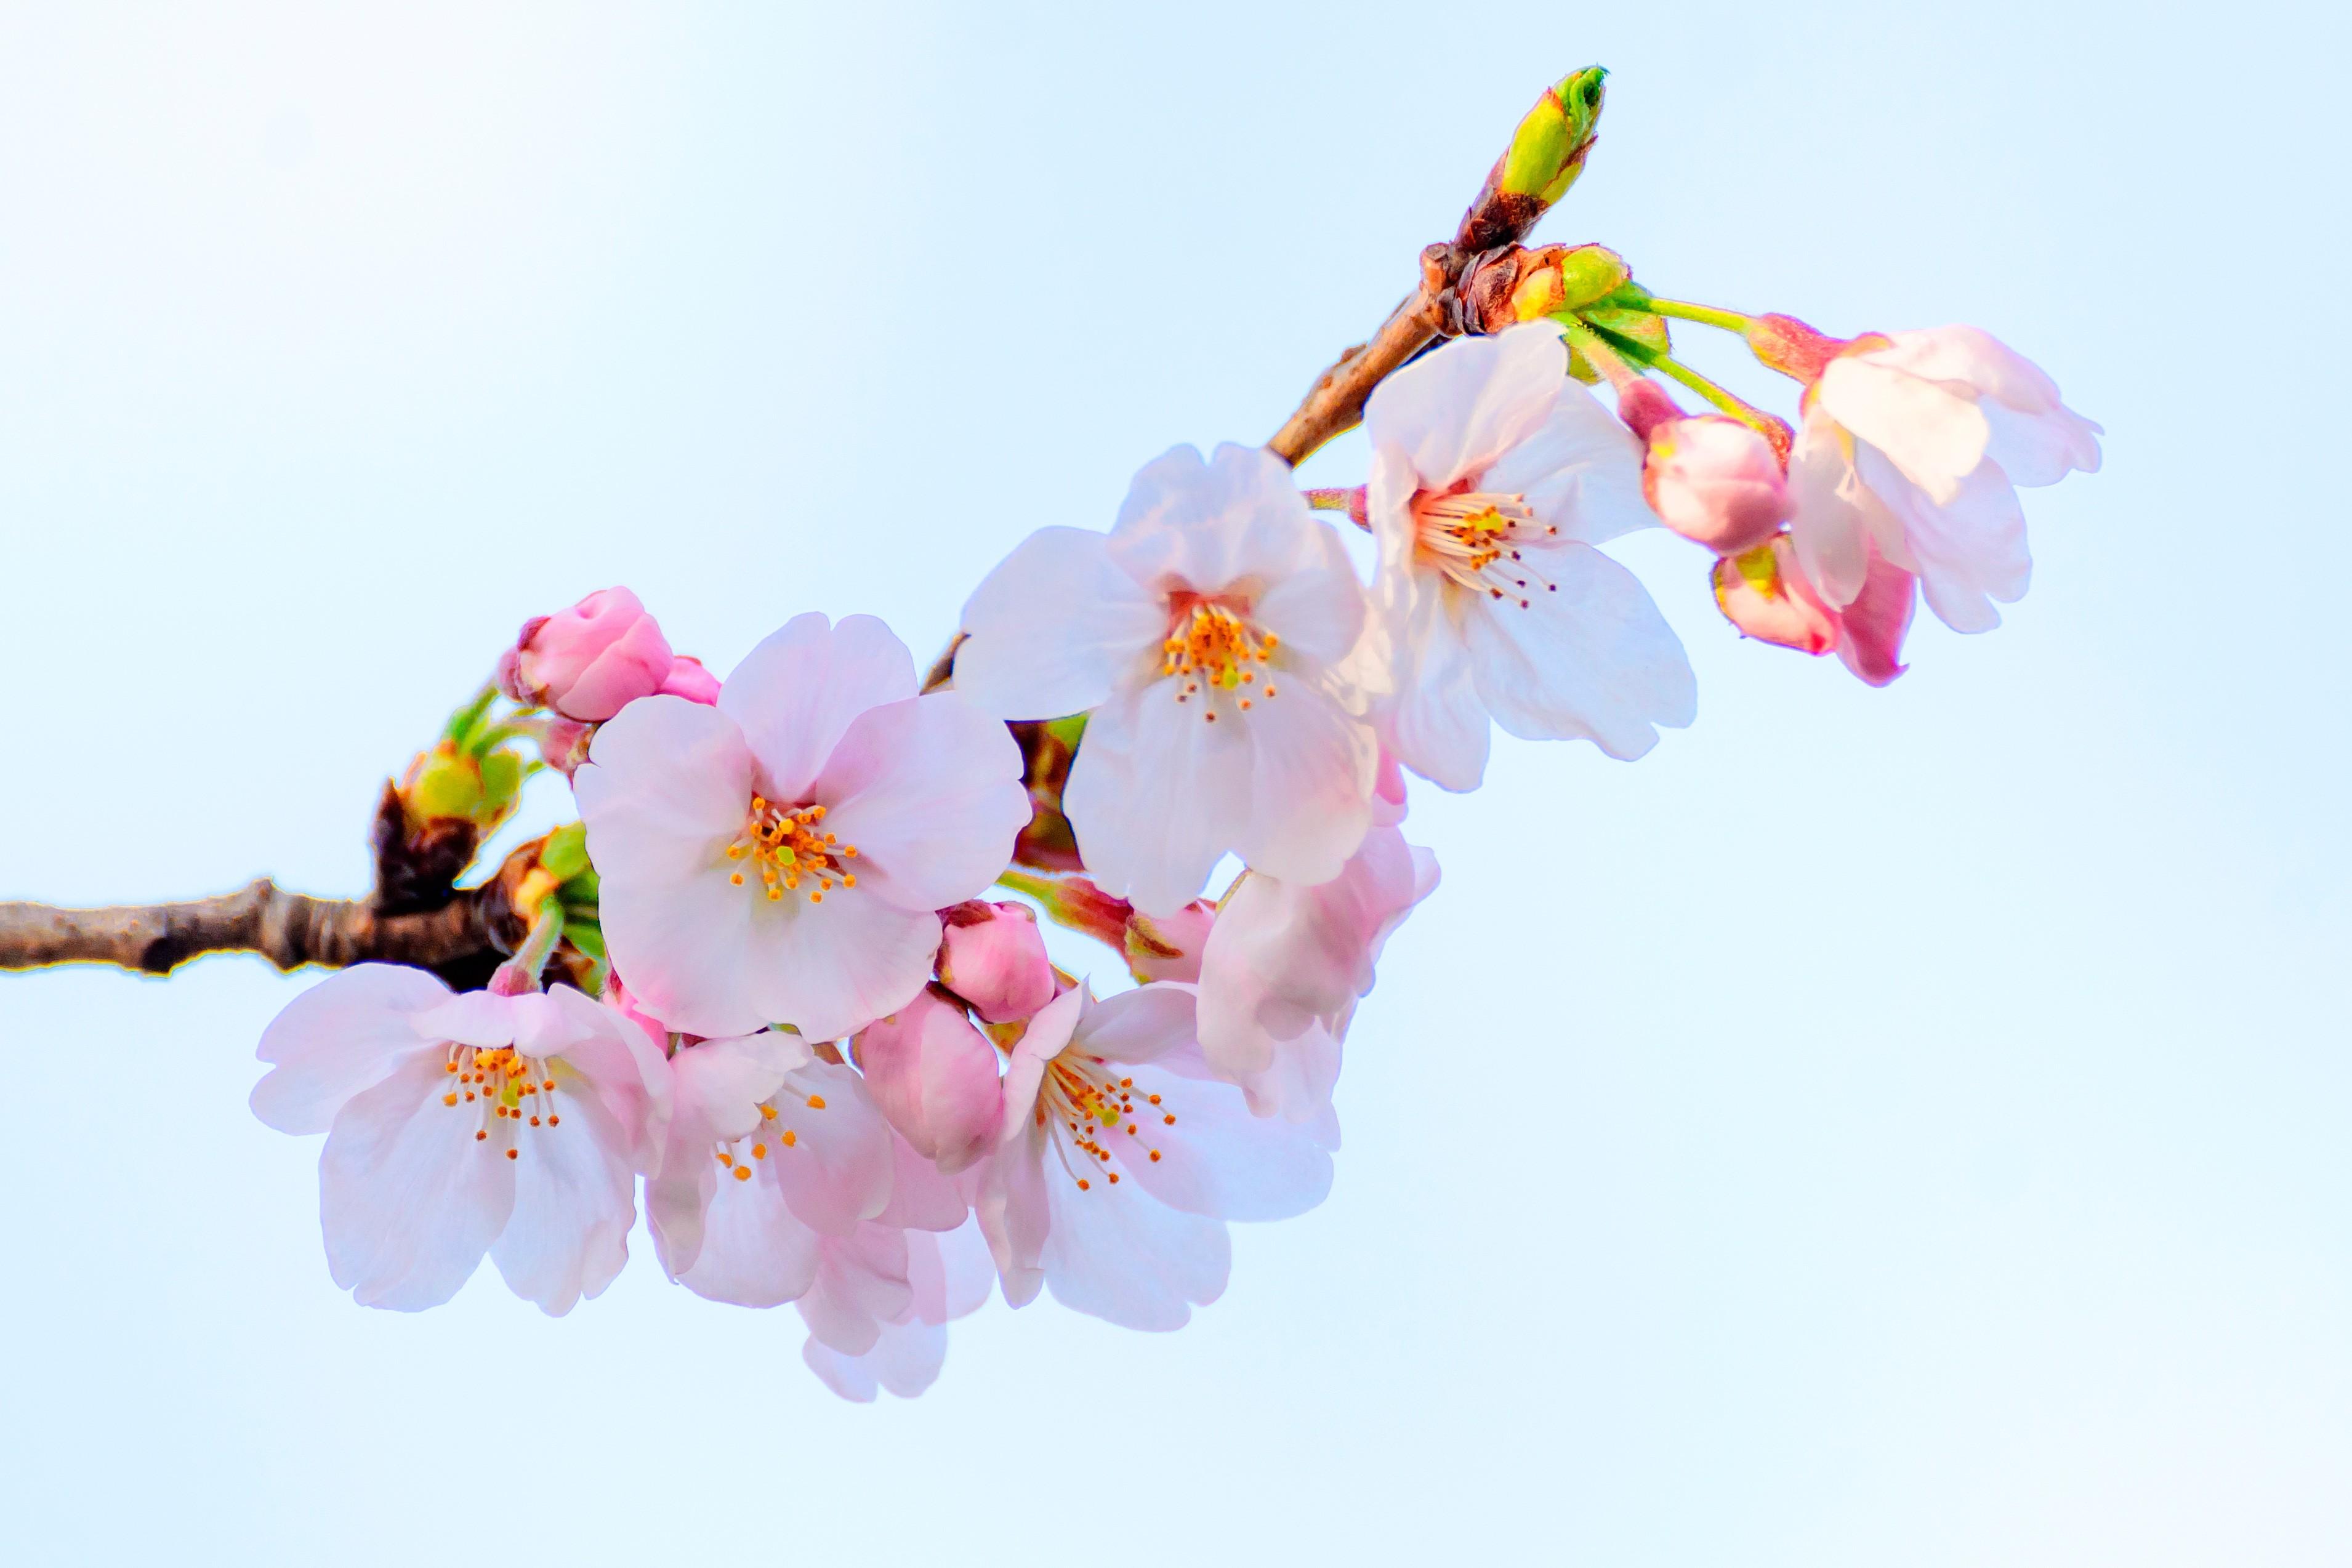 картинки весенних веточек и цветов этот